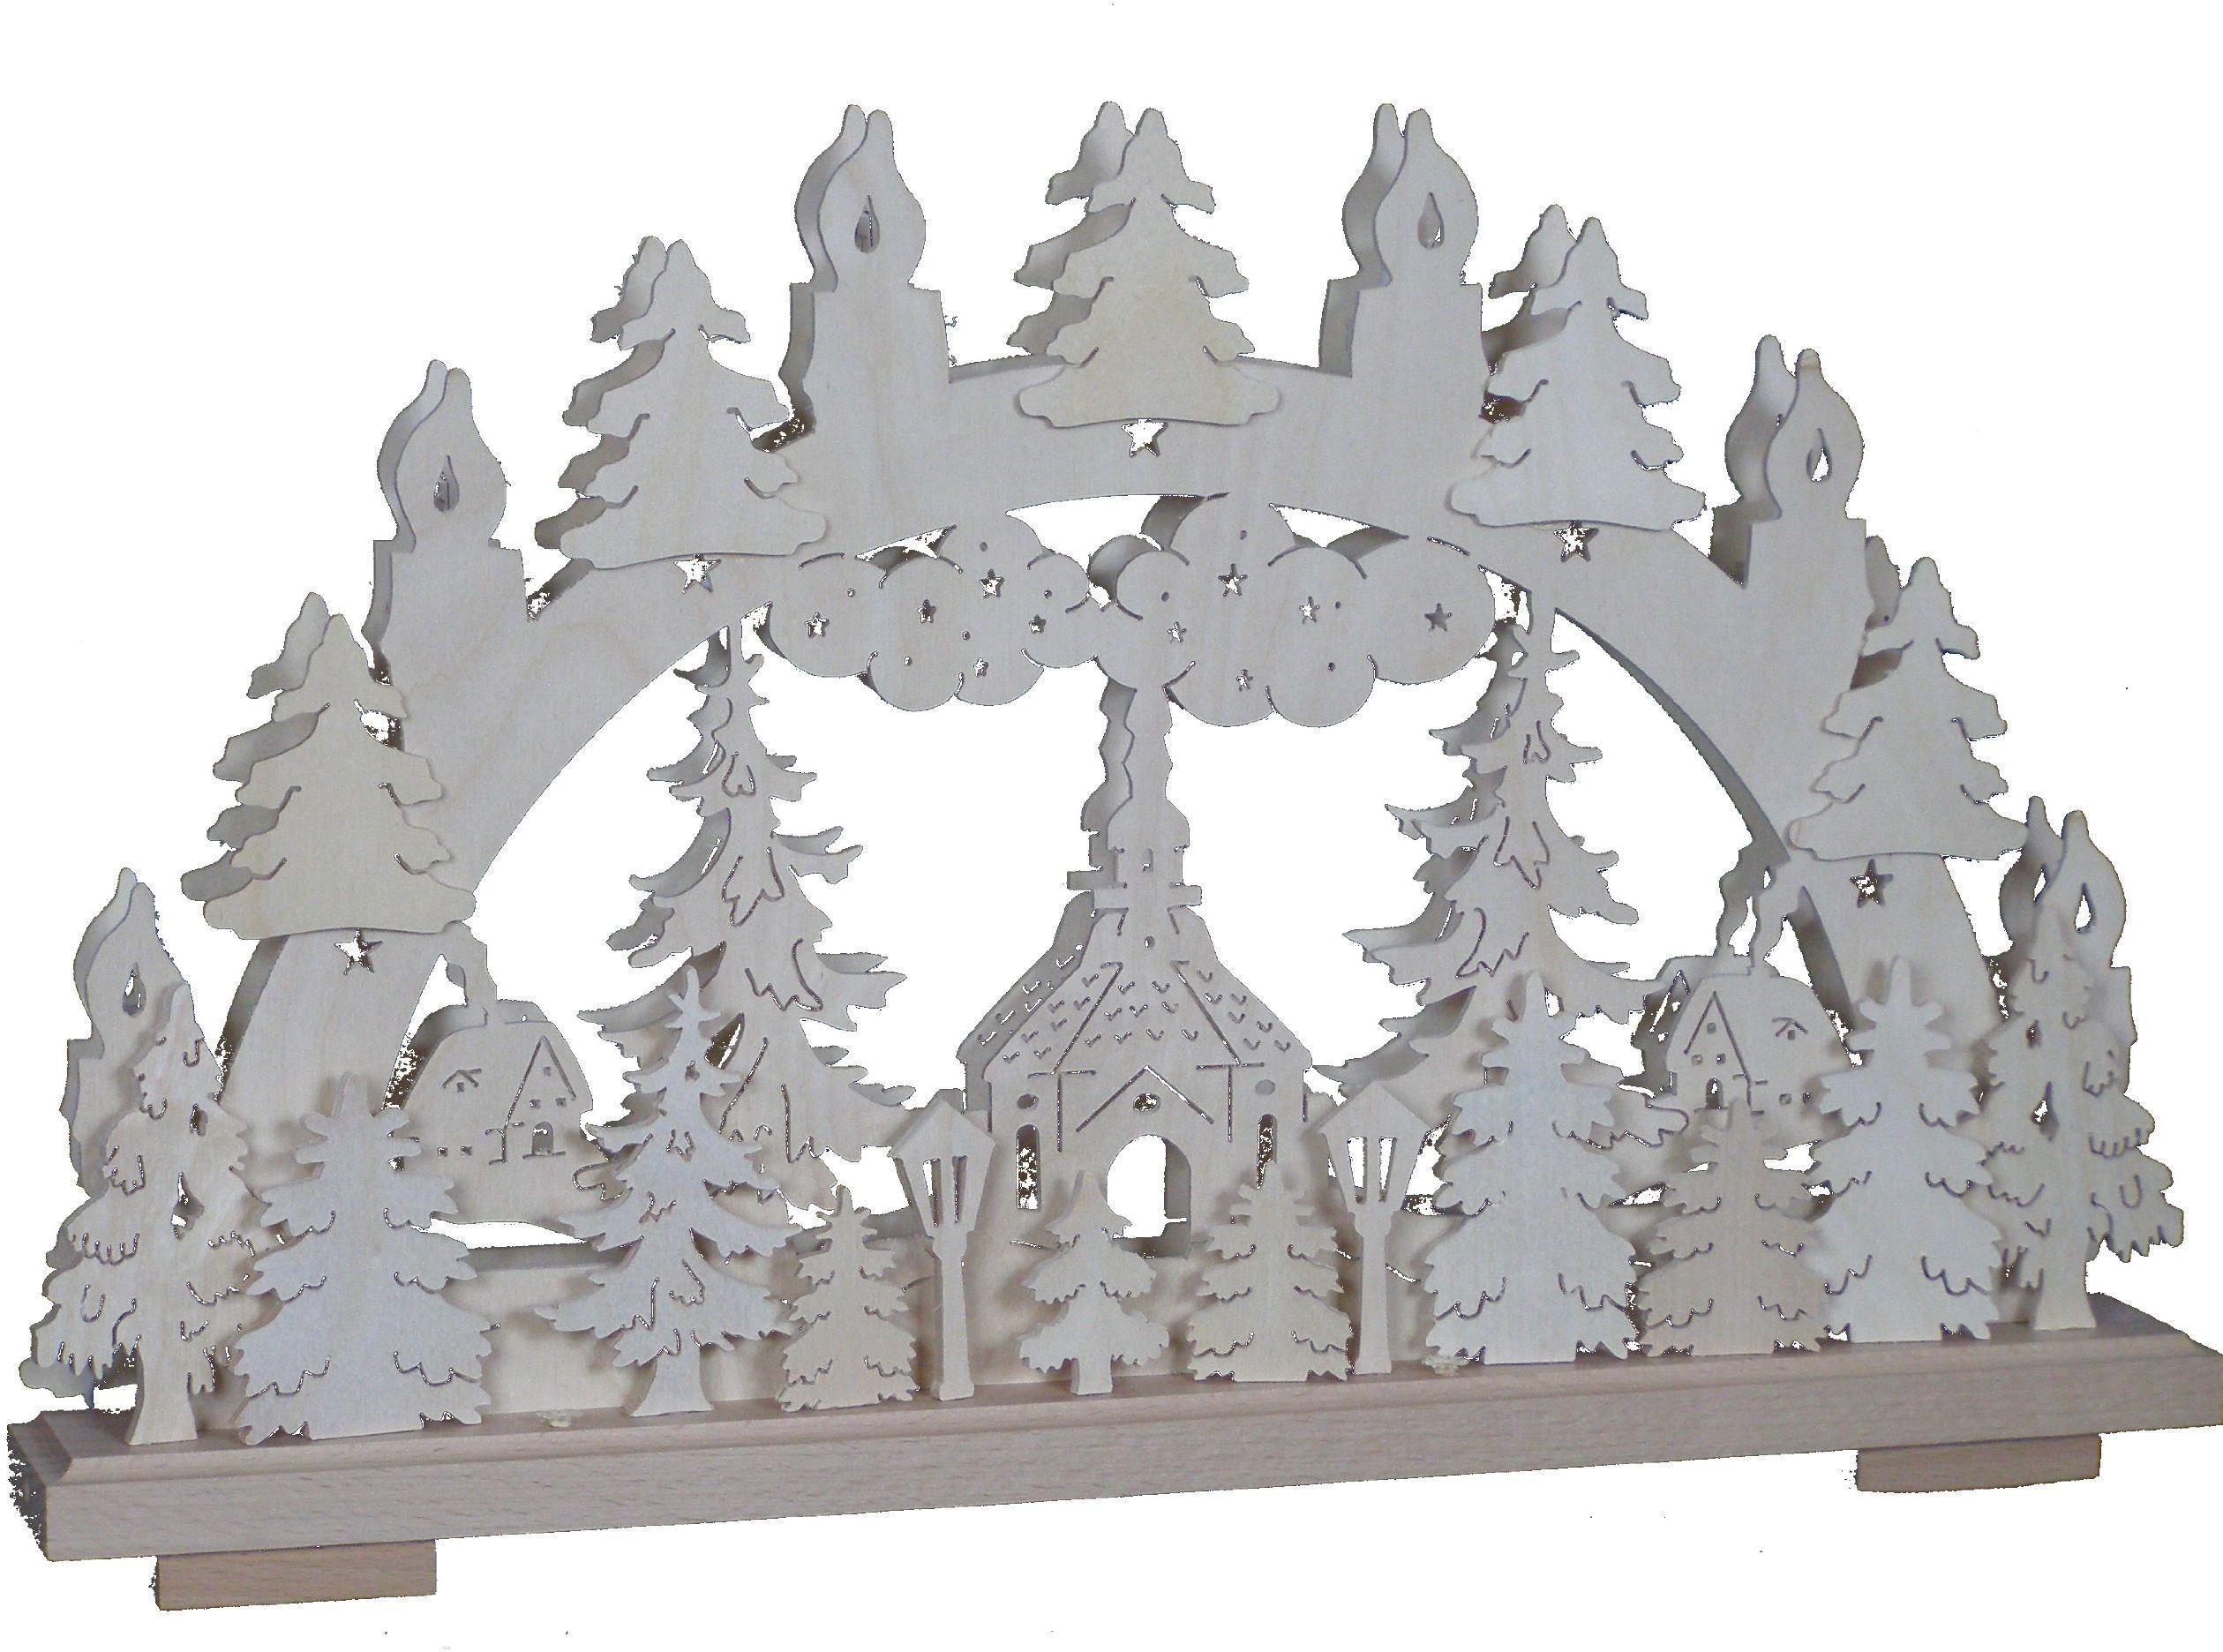 SchwibboLa 3-117 Erzgebirgischer podwójnie podświetlany świecznik łukowy z certyfikatem 3-117, 50 x 30 cm